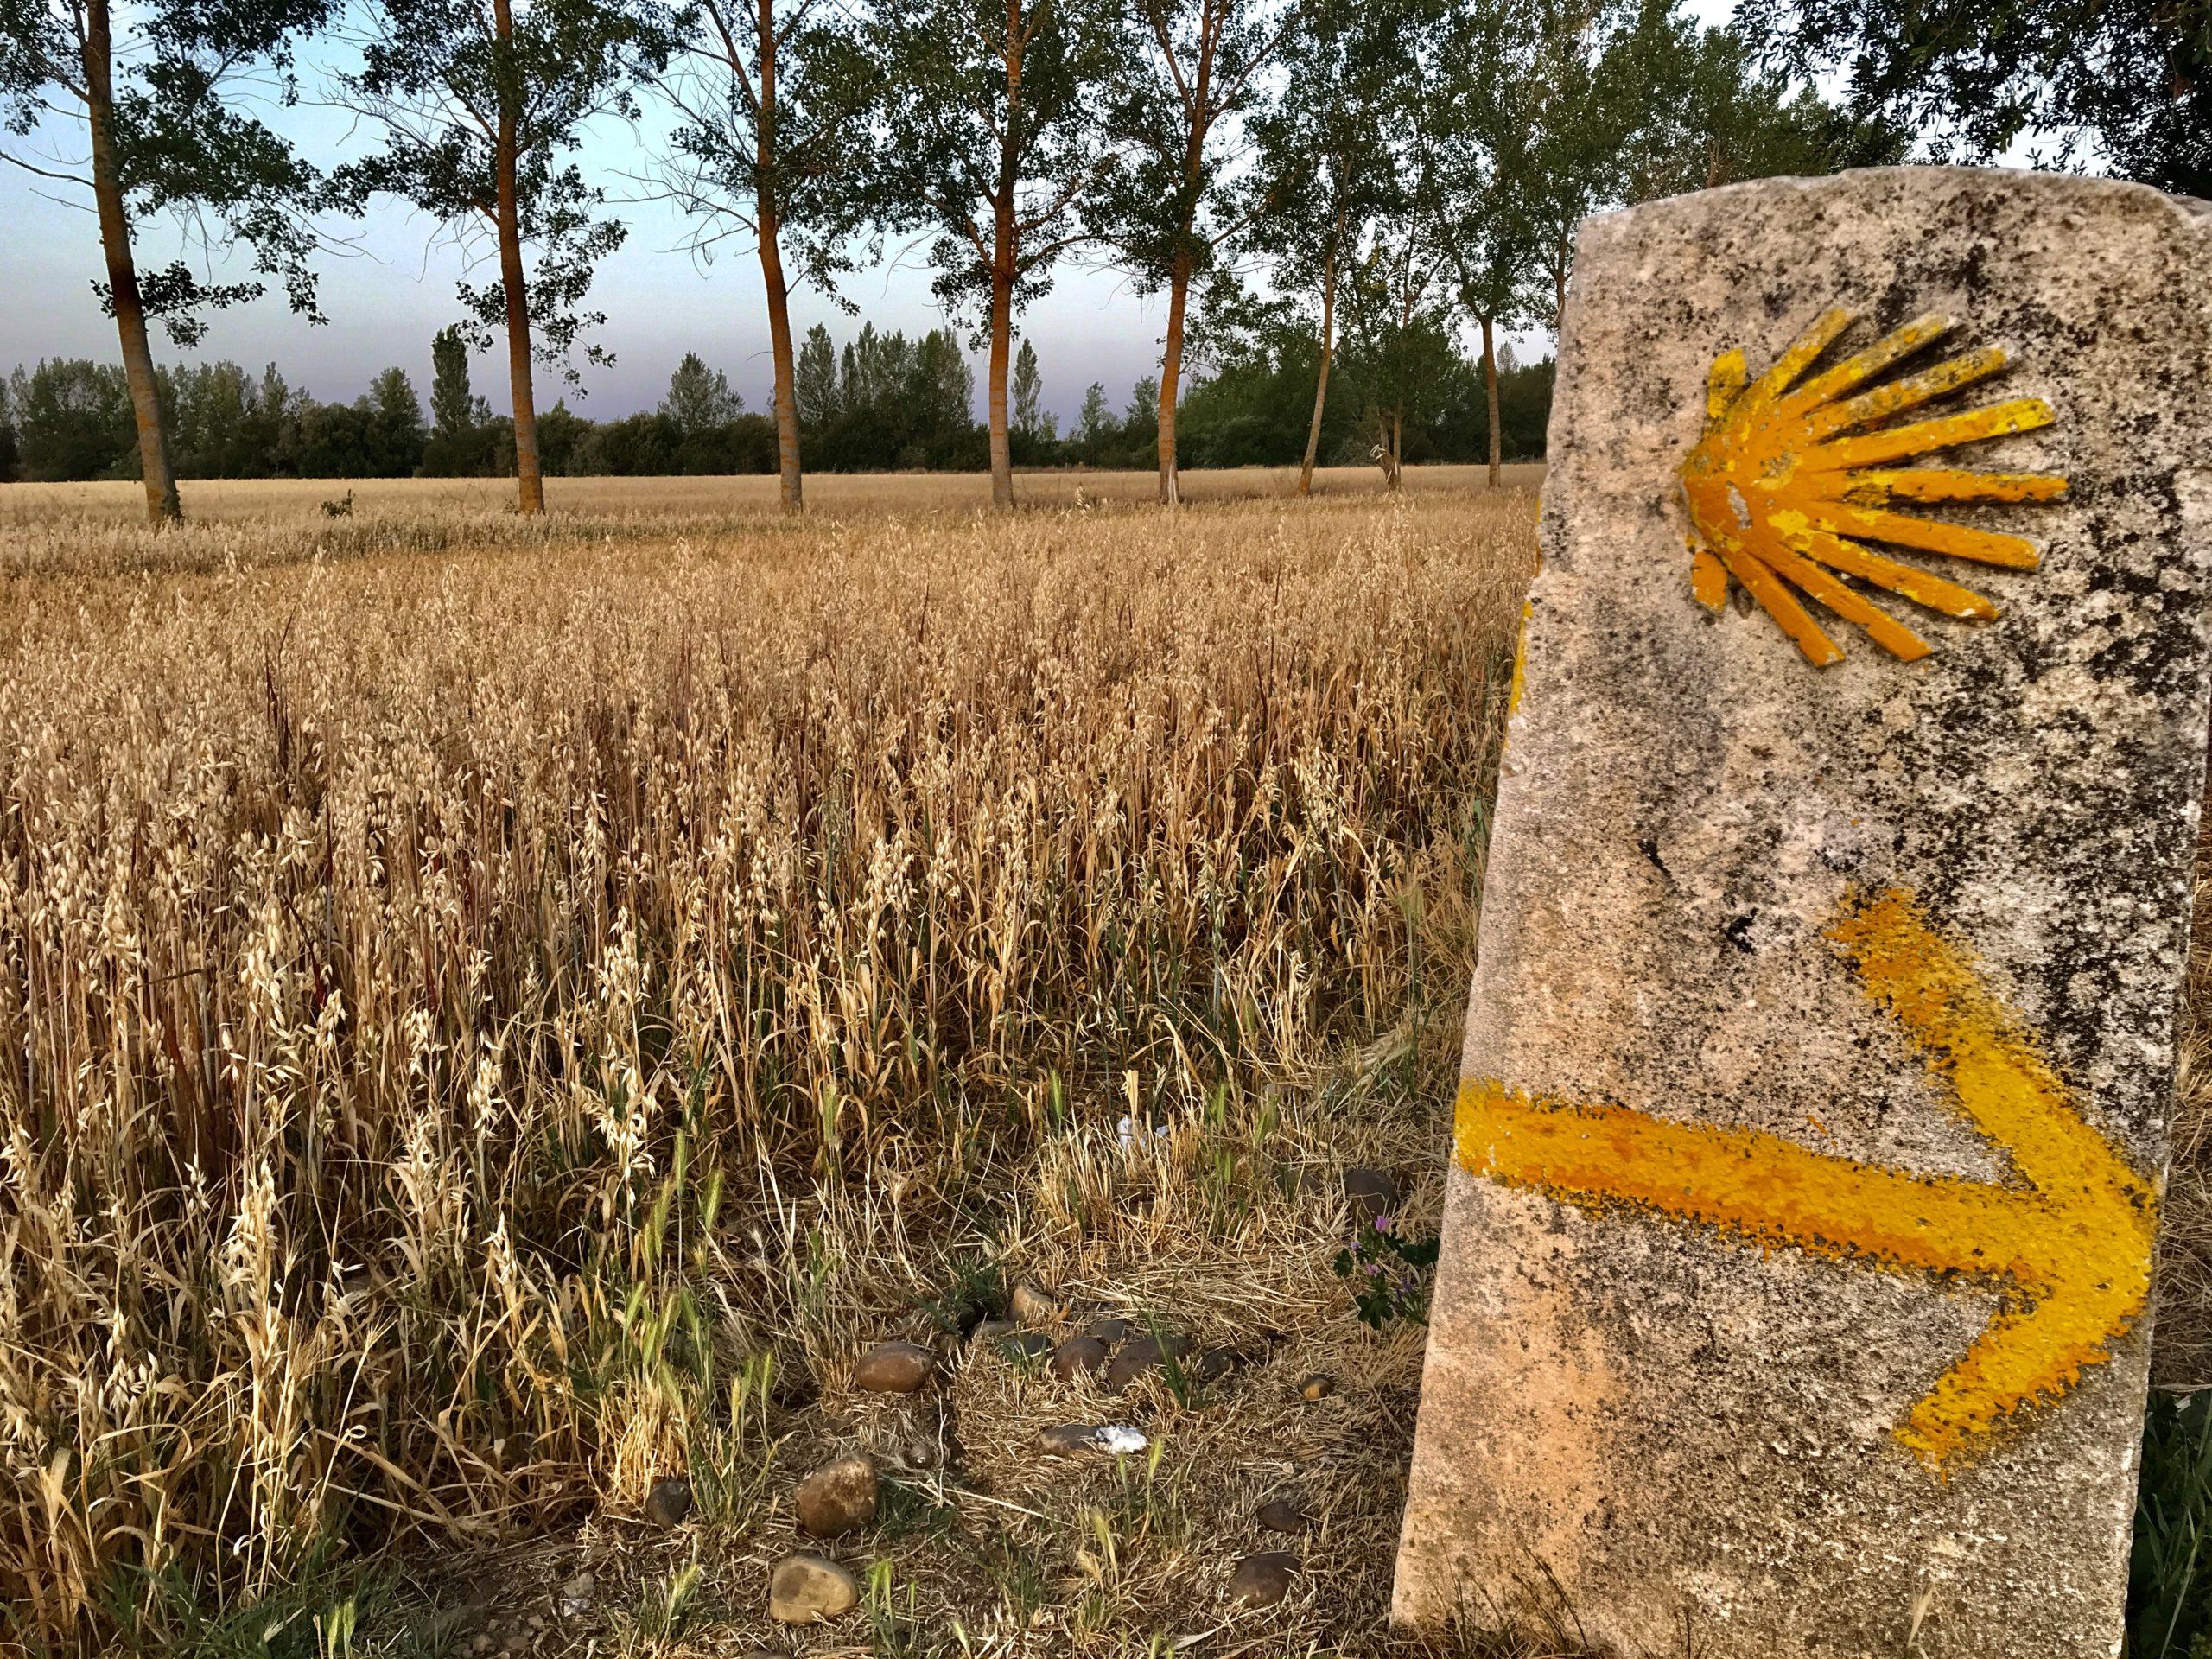 conchiglia e freccia gialla ad indicare la strada